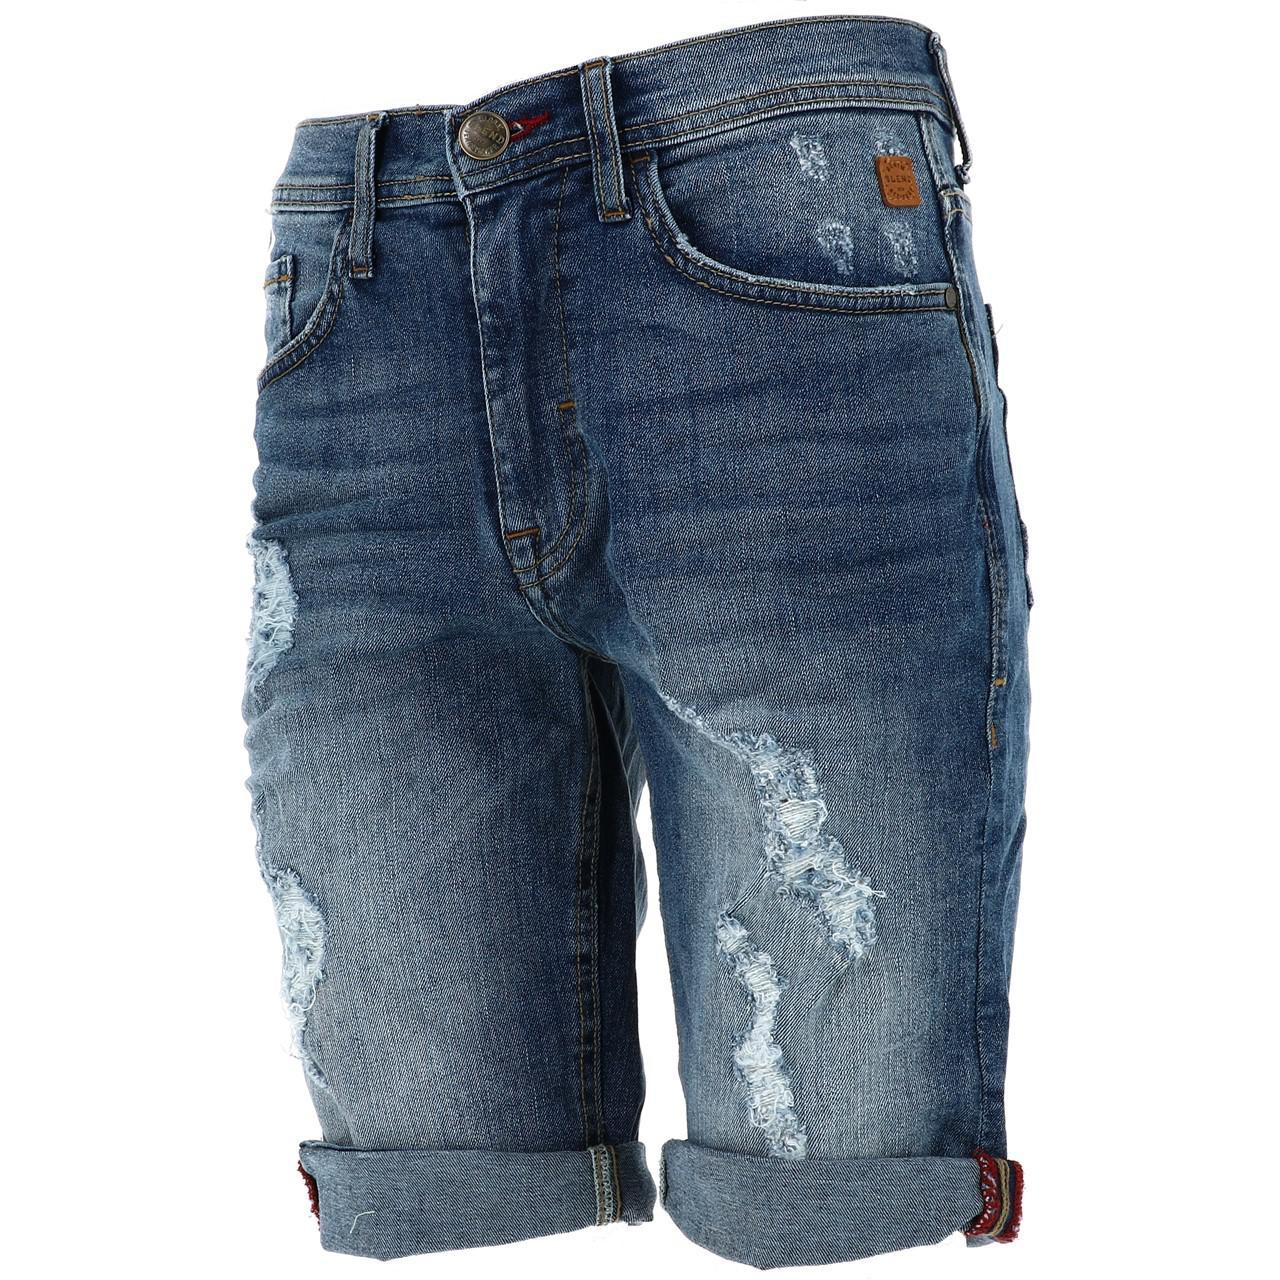 Bermuda-Shorts-Blend-Jork-Denim-Lt-Blue-Shorts-Blue-18056-New